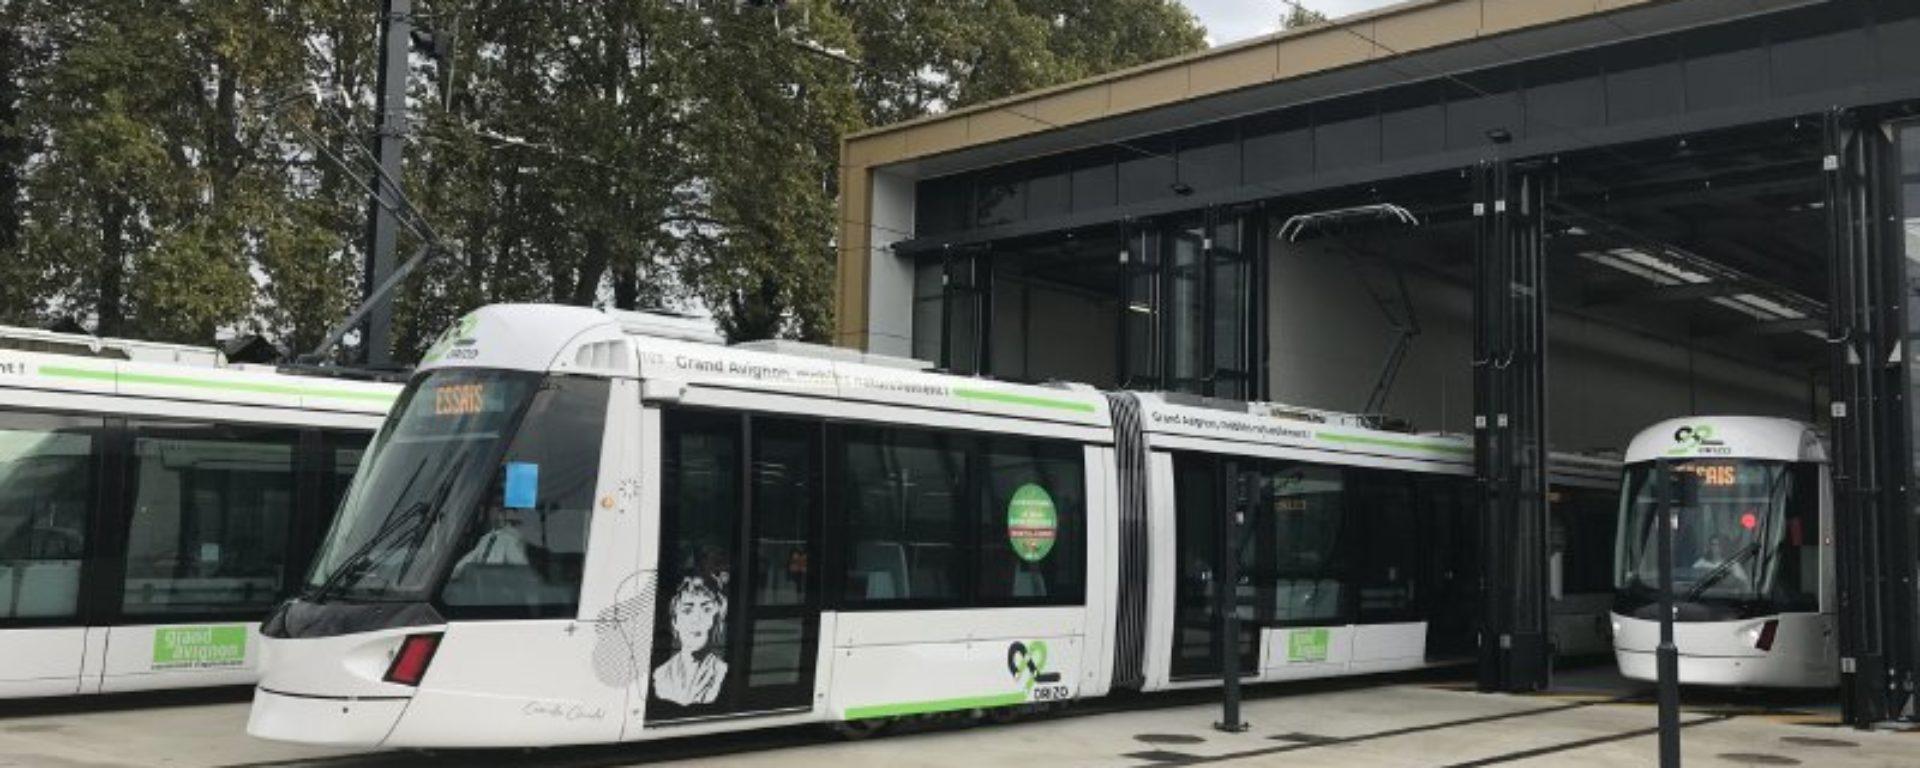 Inauguration tramway avignon